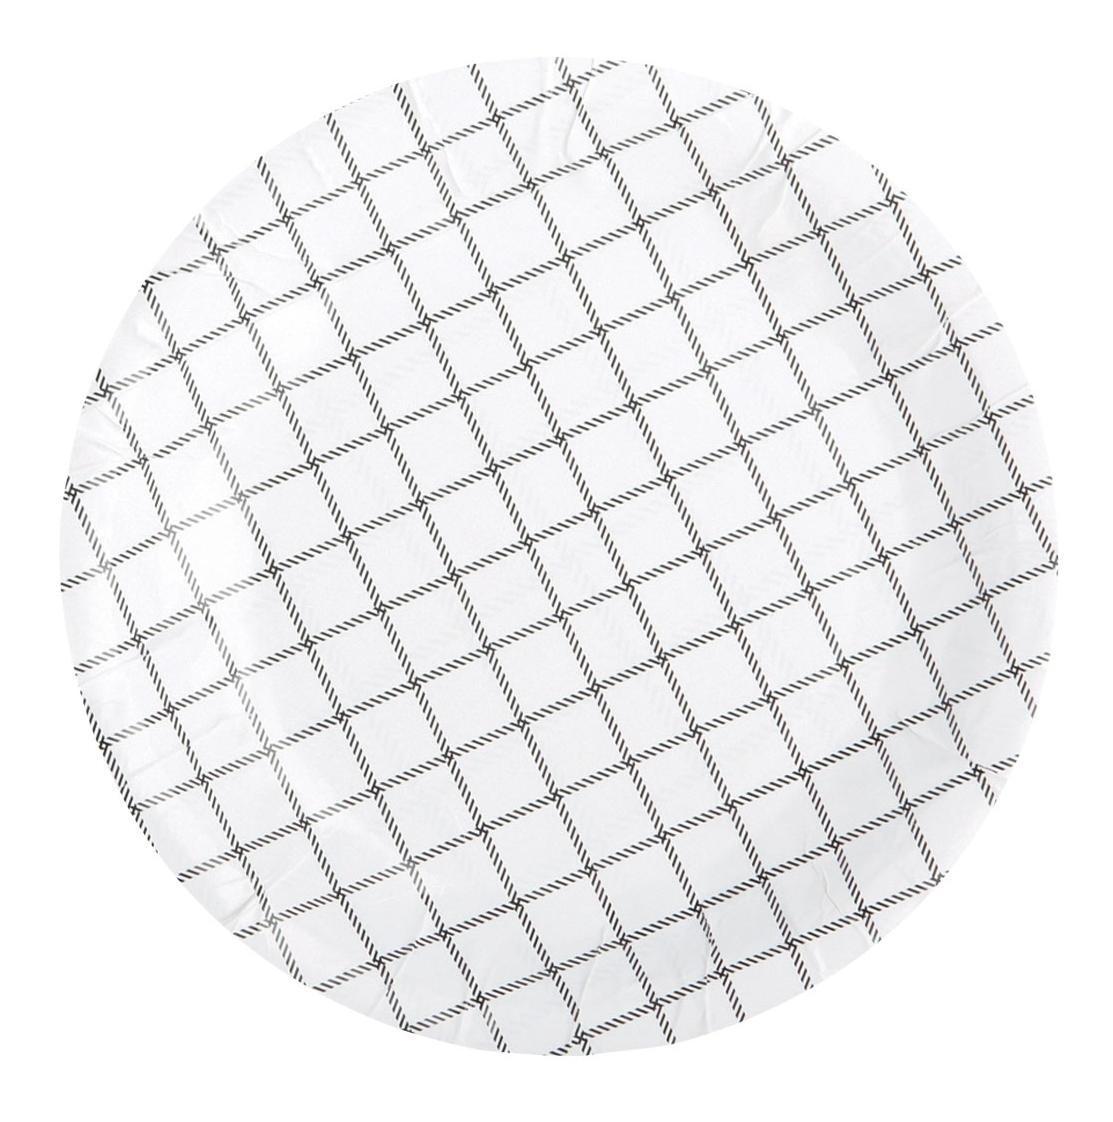 Nicolas Vahé Papírový talířek Chequered - 12 ks, šedá barva, černá barva, papír